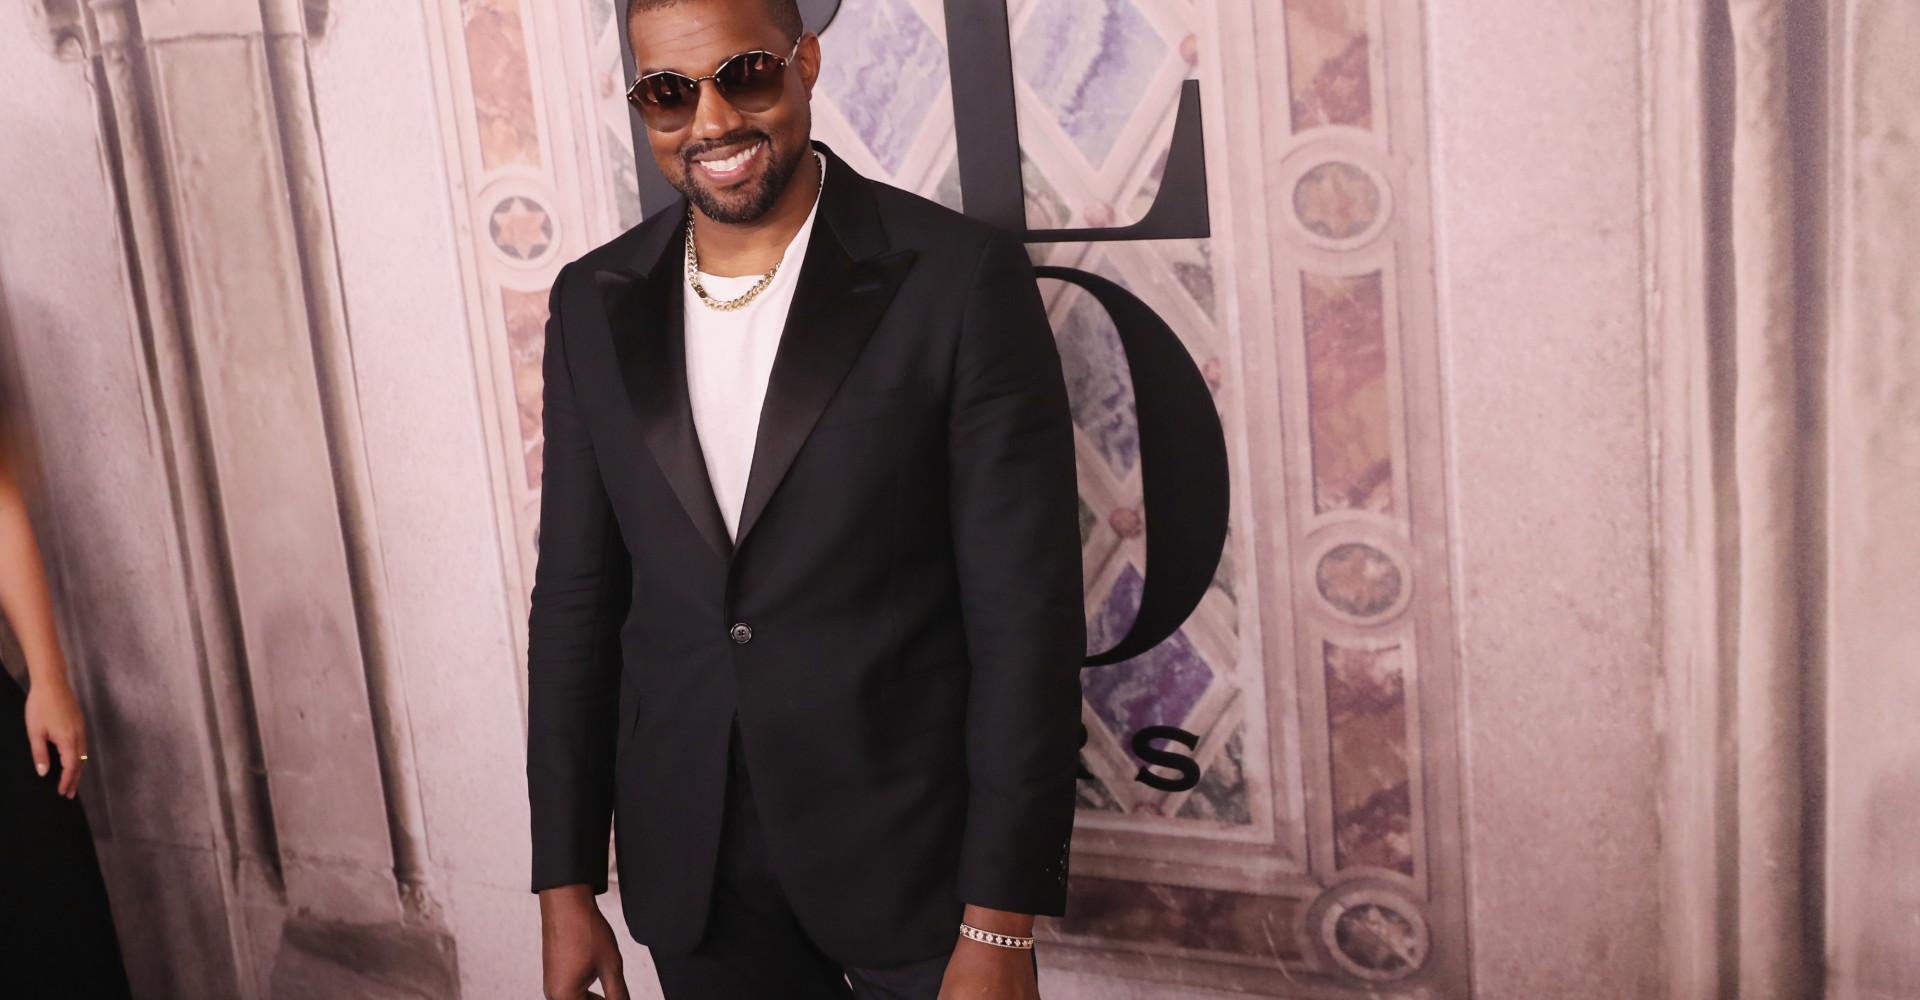 Kanye West dating Iggy Azalea